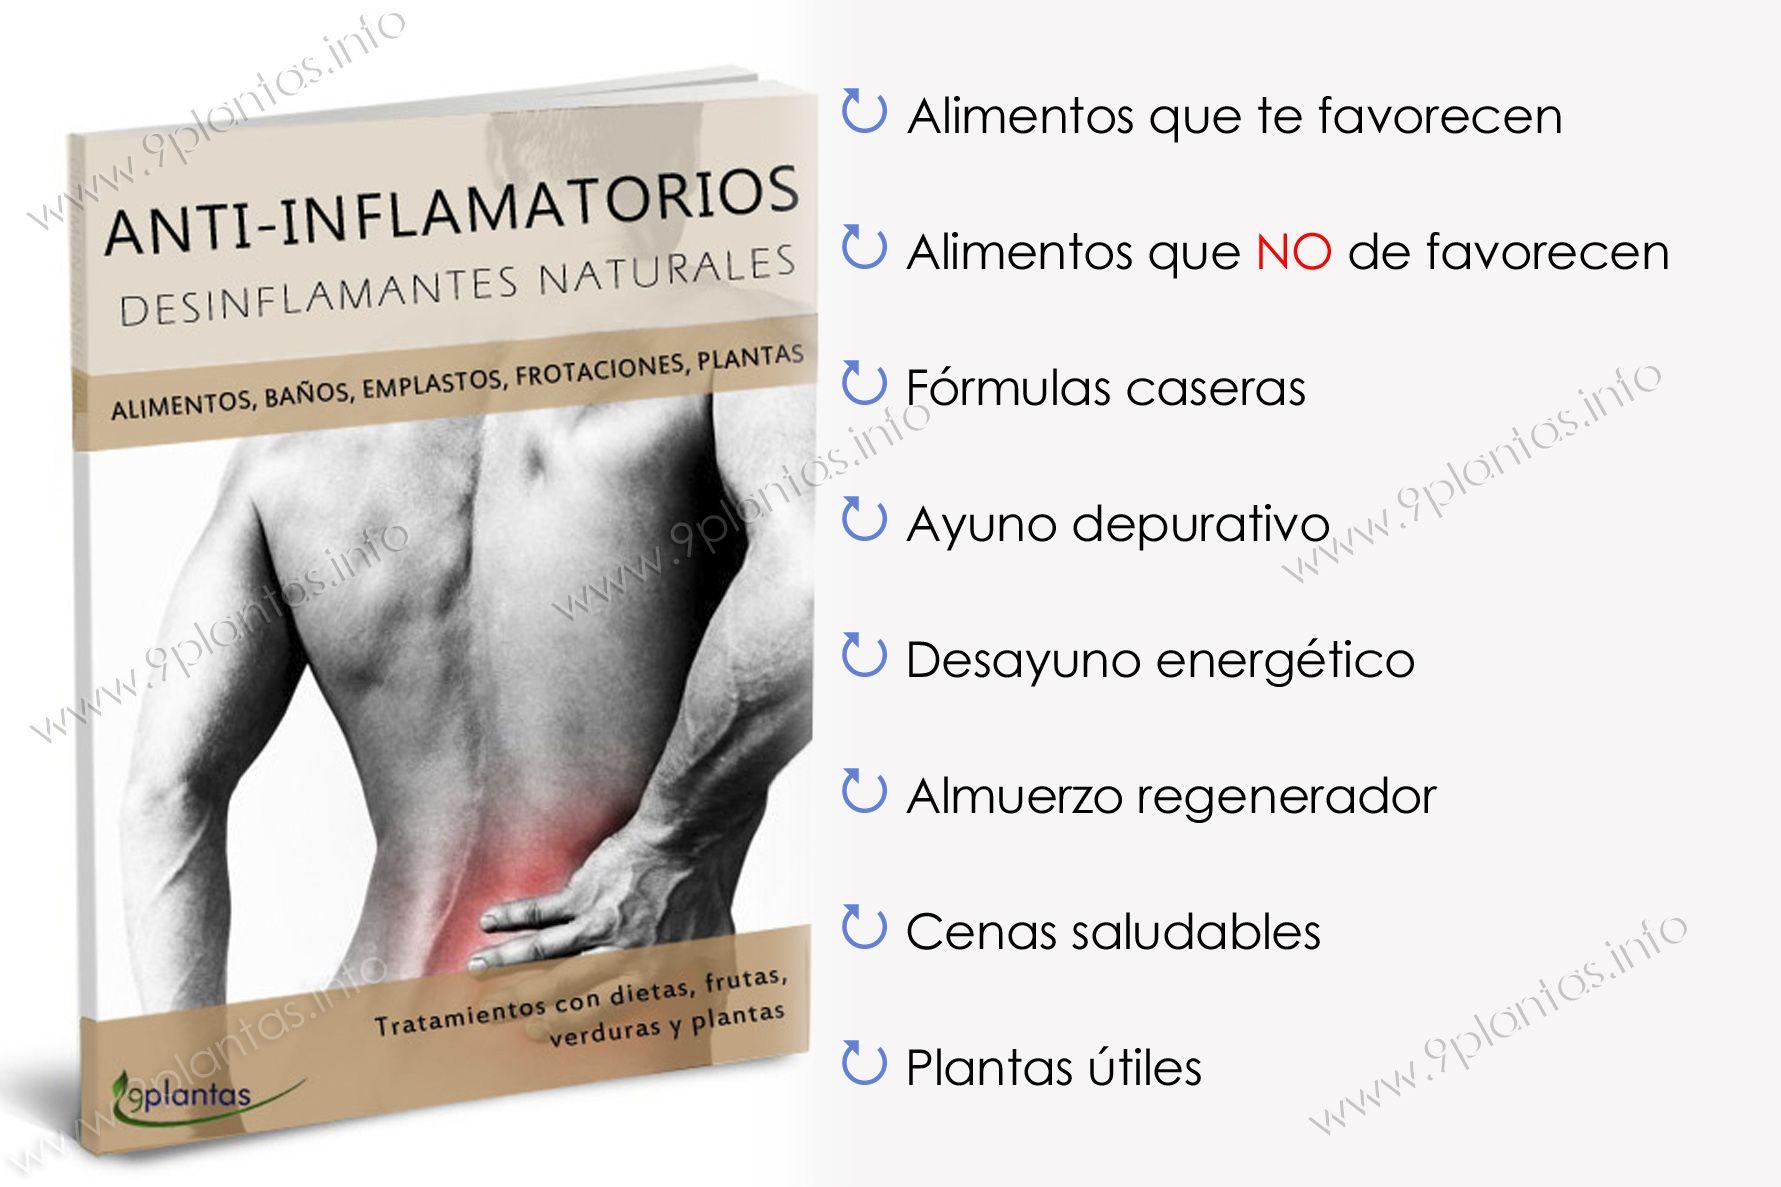 E-book | anti-inflamatorios, desinflamantes naturales